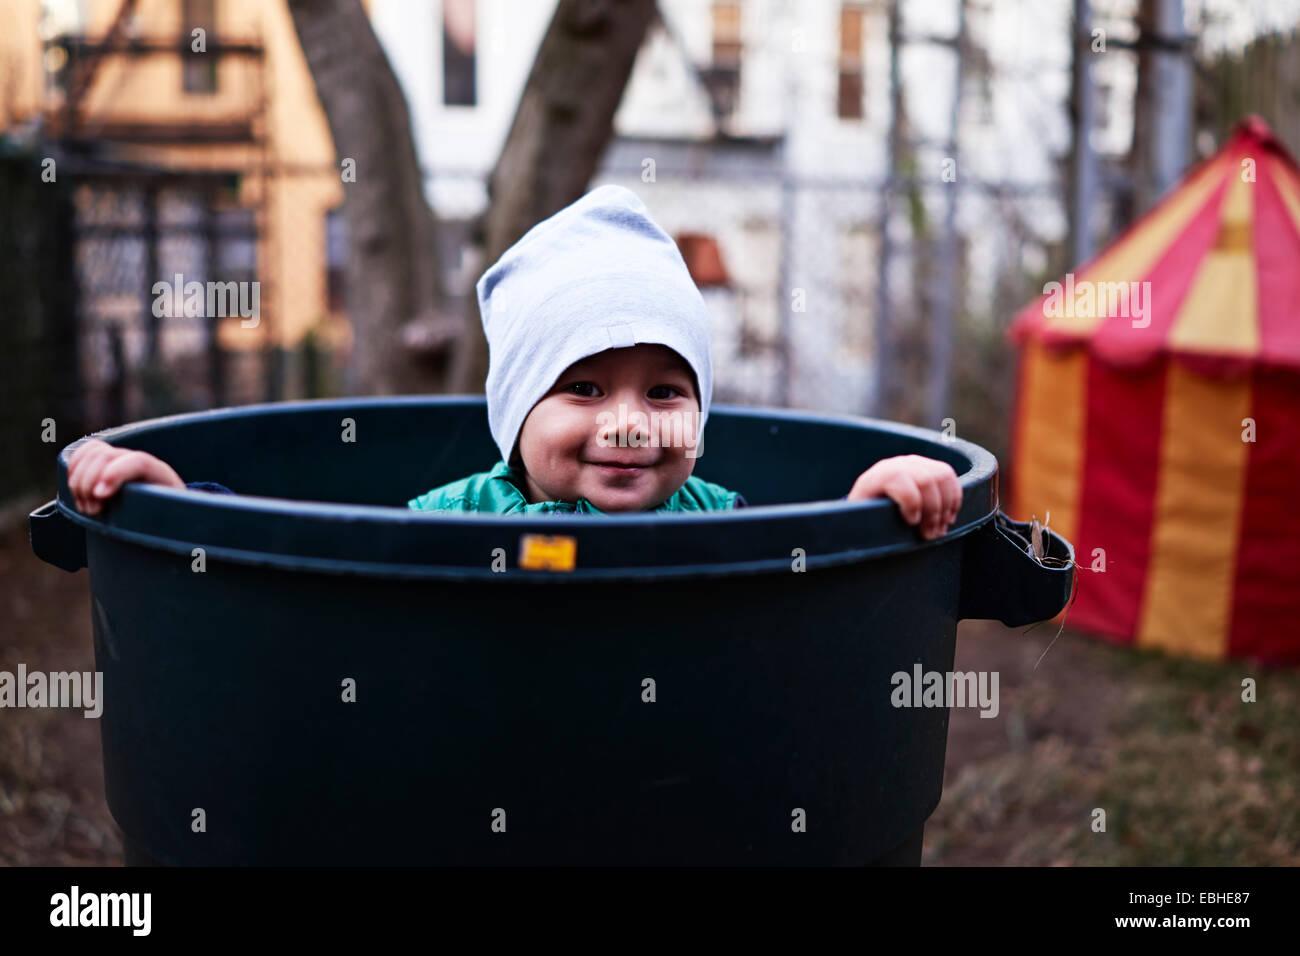 Niño dentro de la bañera, Brooklyn, Nueva York, EE.UU. Imagen De Stock